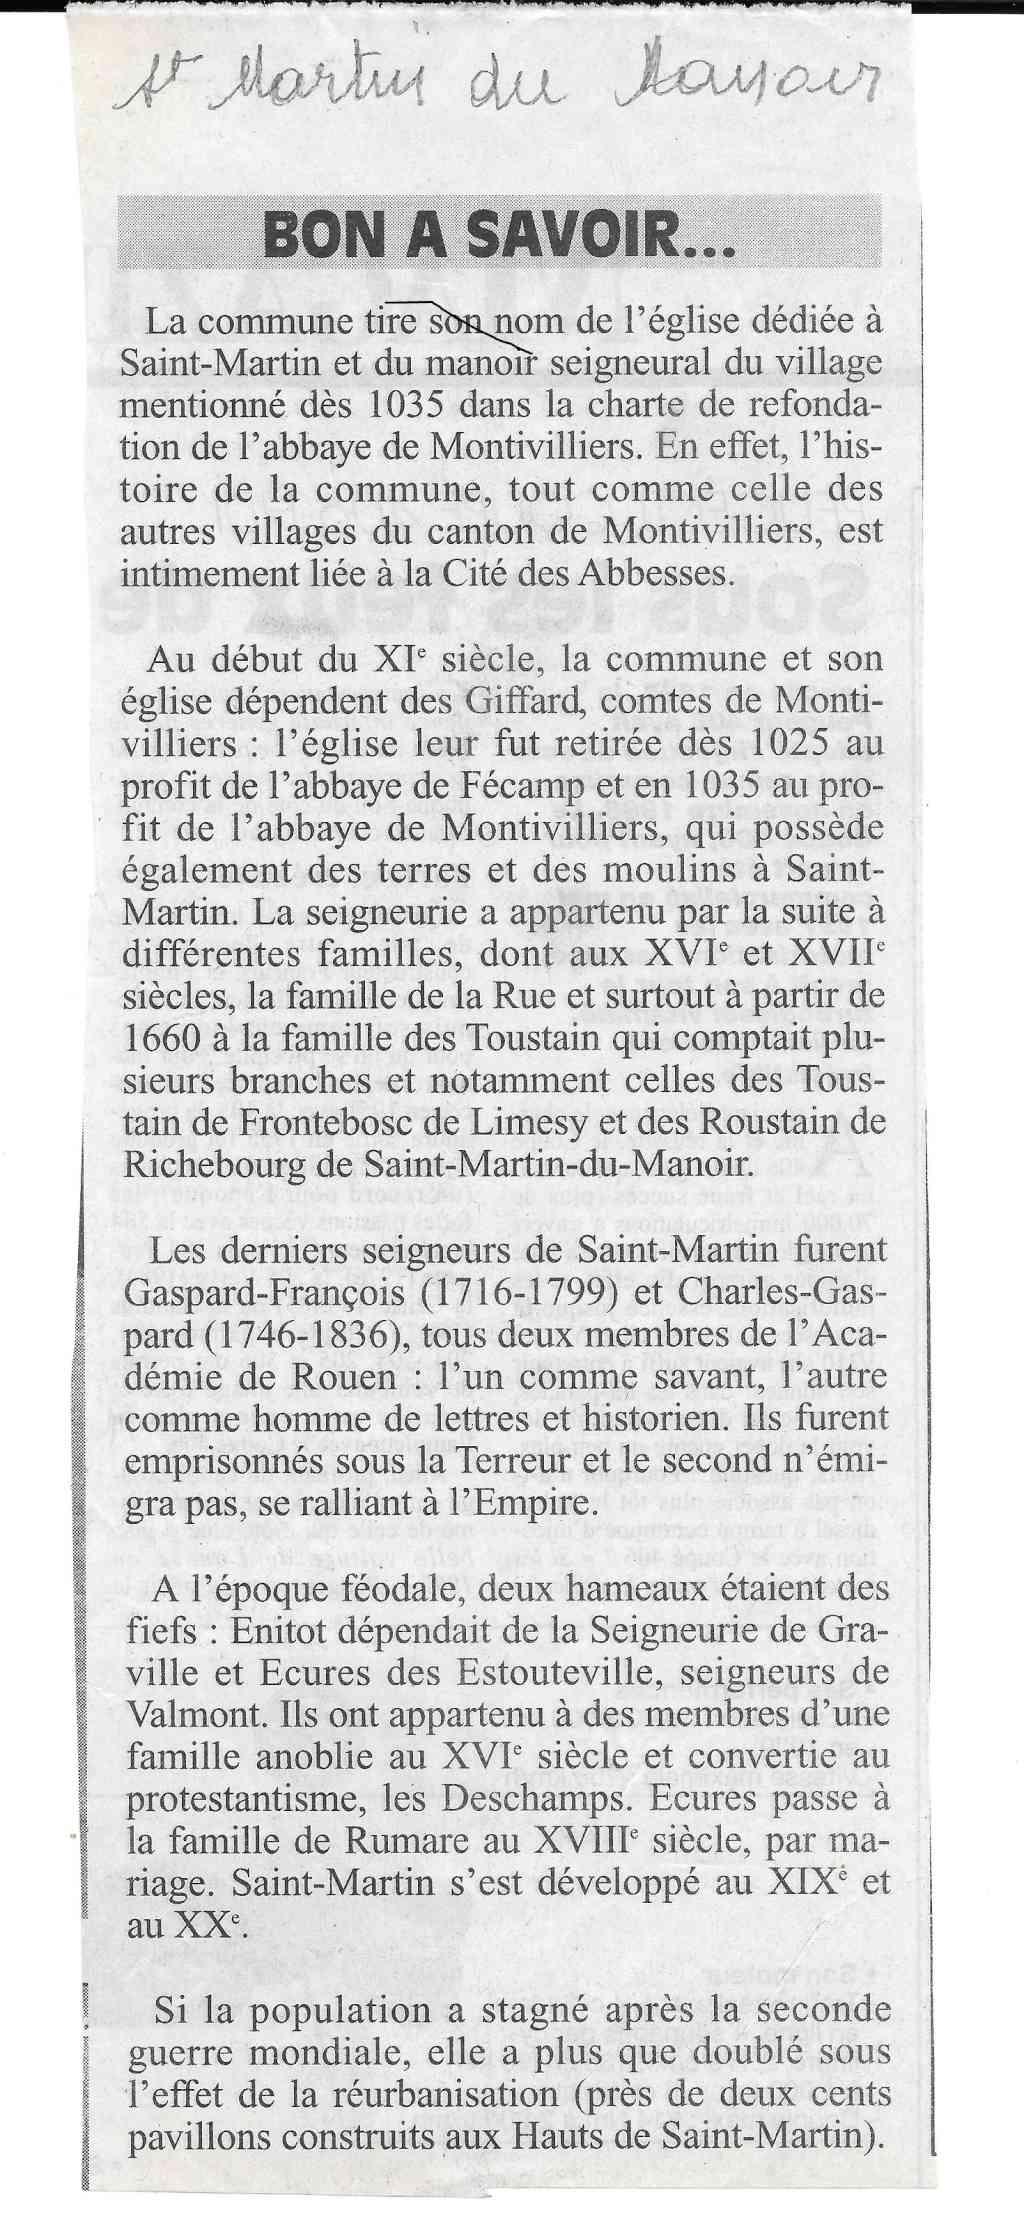 Histoire des communes - Saint-Martin-du-Manoir 238